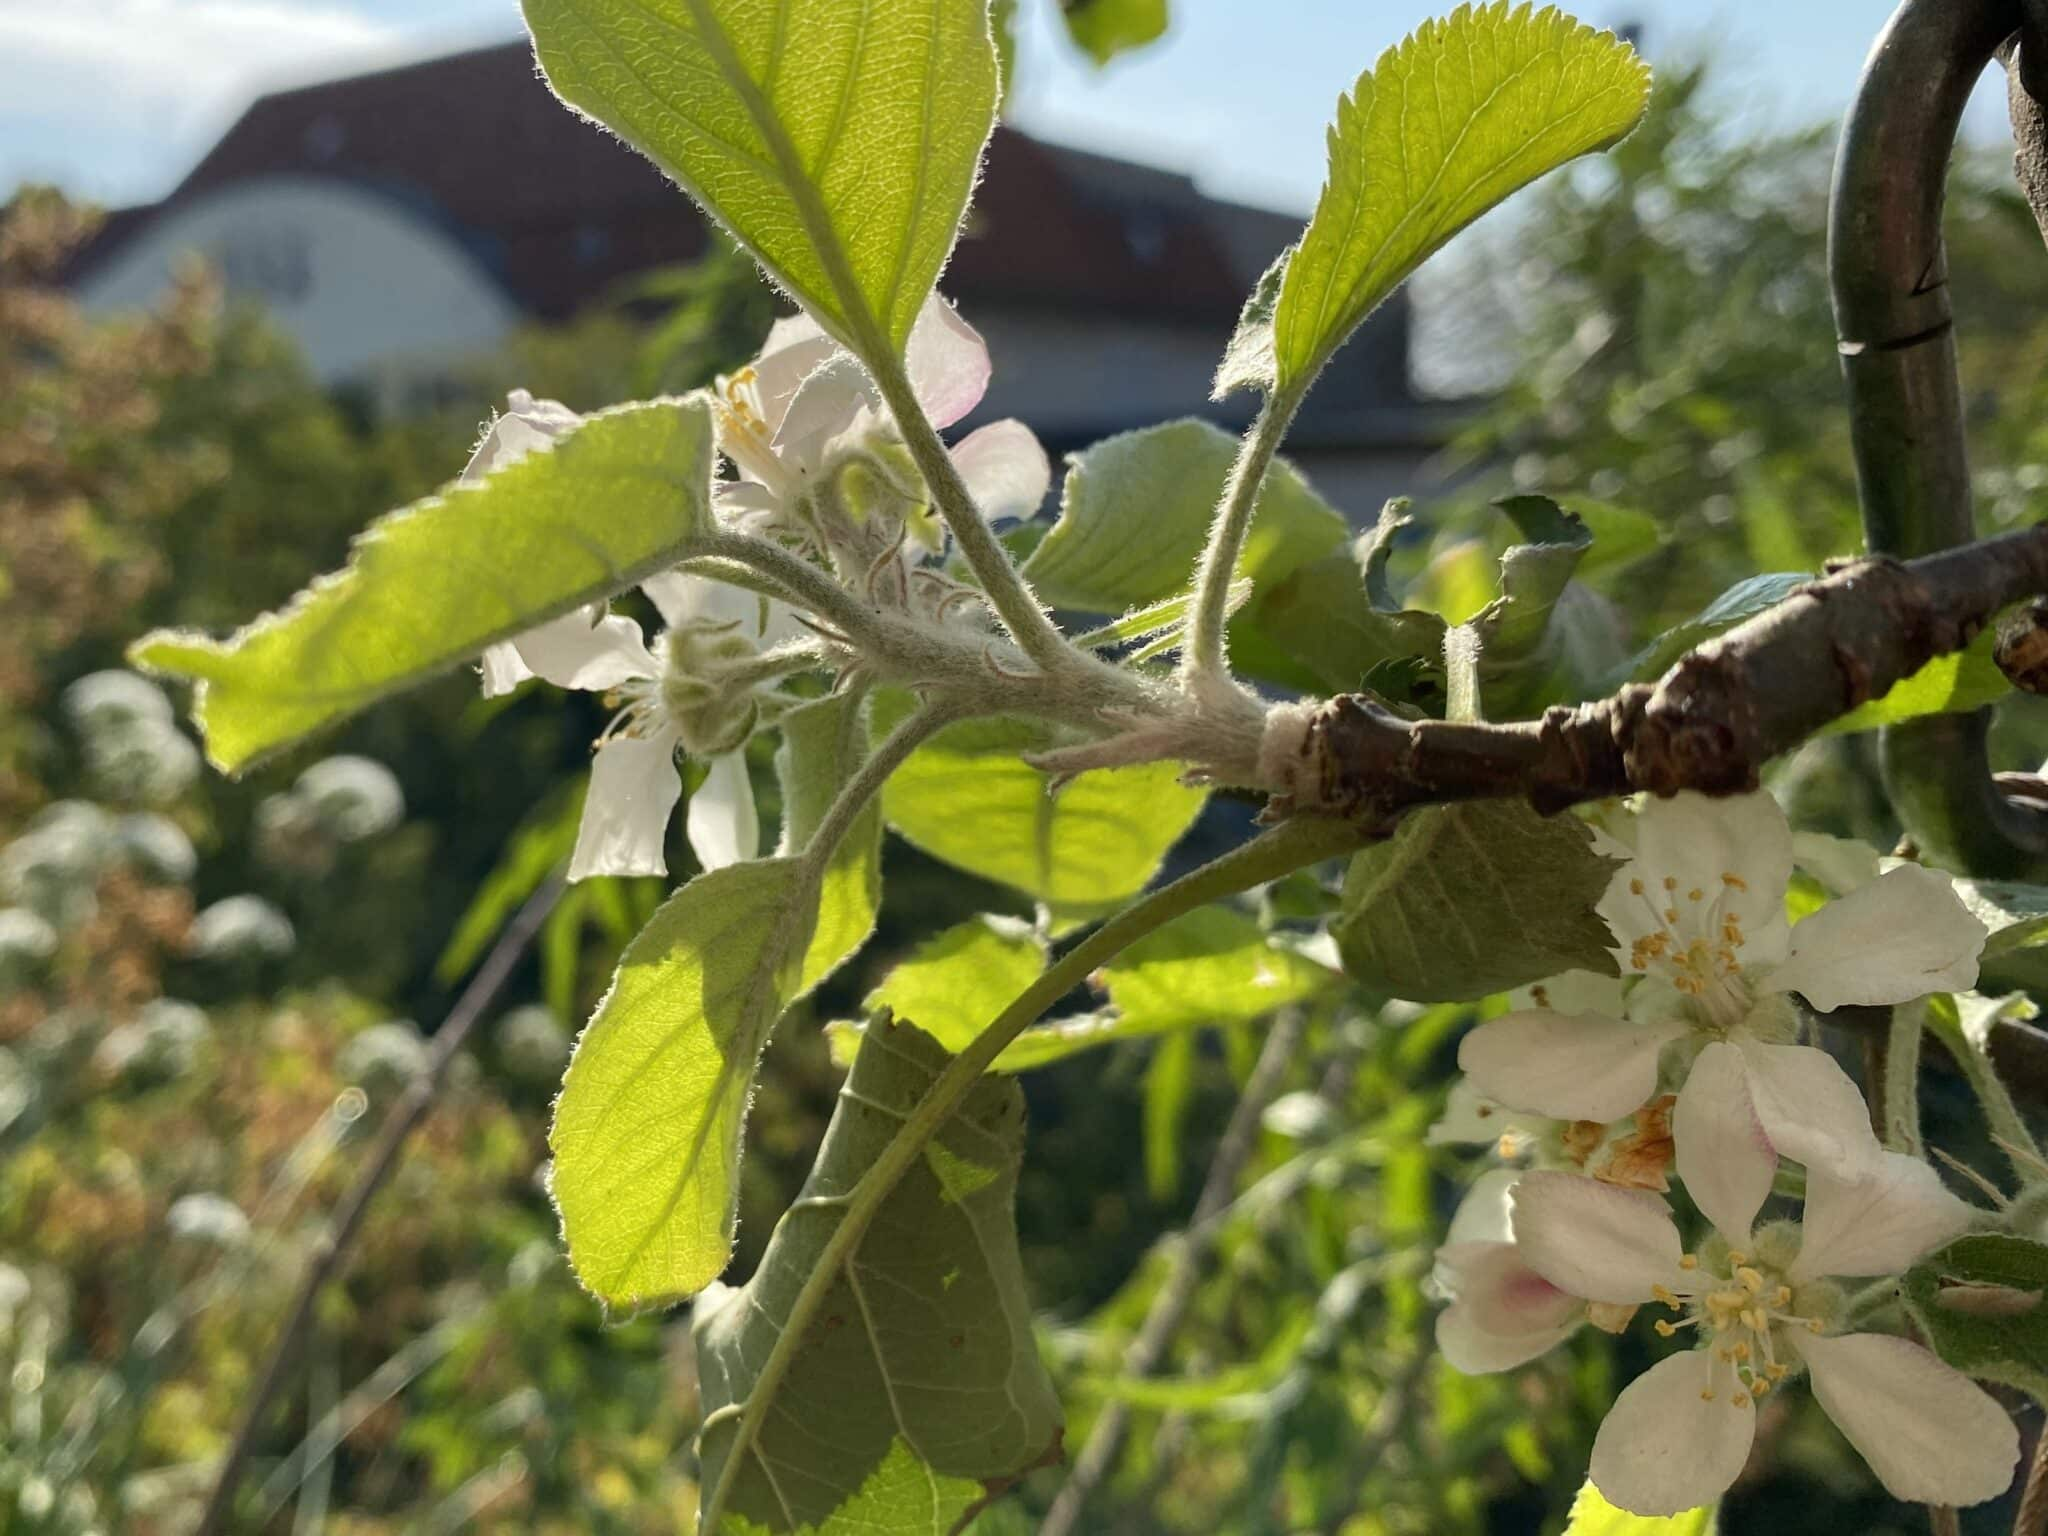 Späte Apfelblüten im Spätsommer und Herbst, also eine zweite Blüte ist im Garten und auf Balkons beobachtbar.